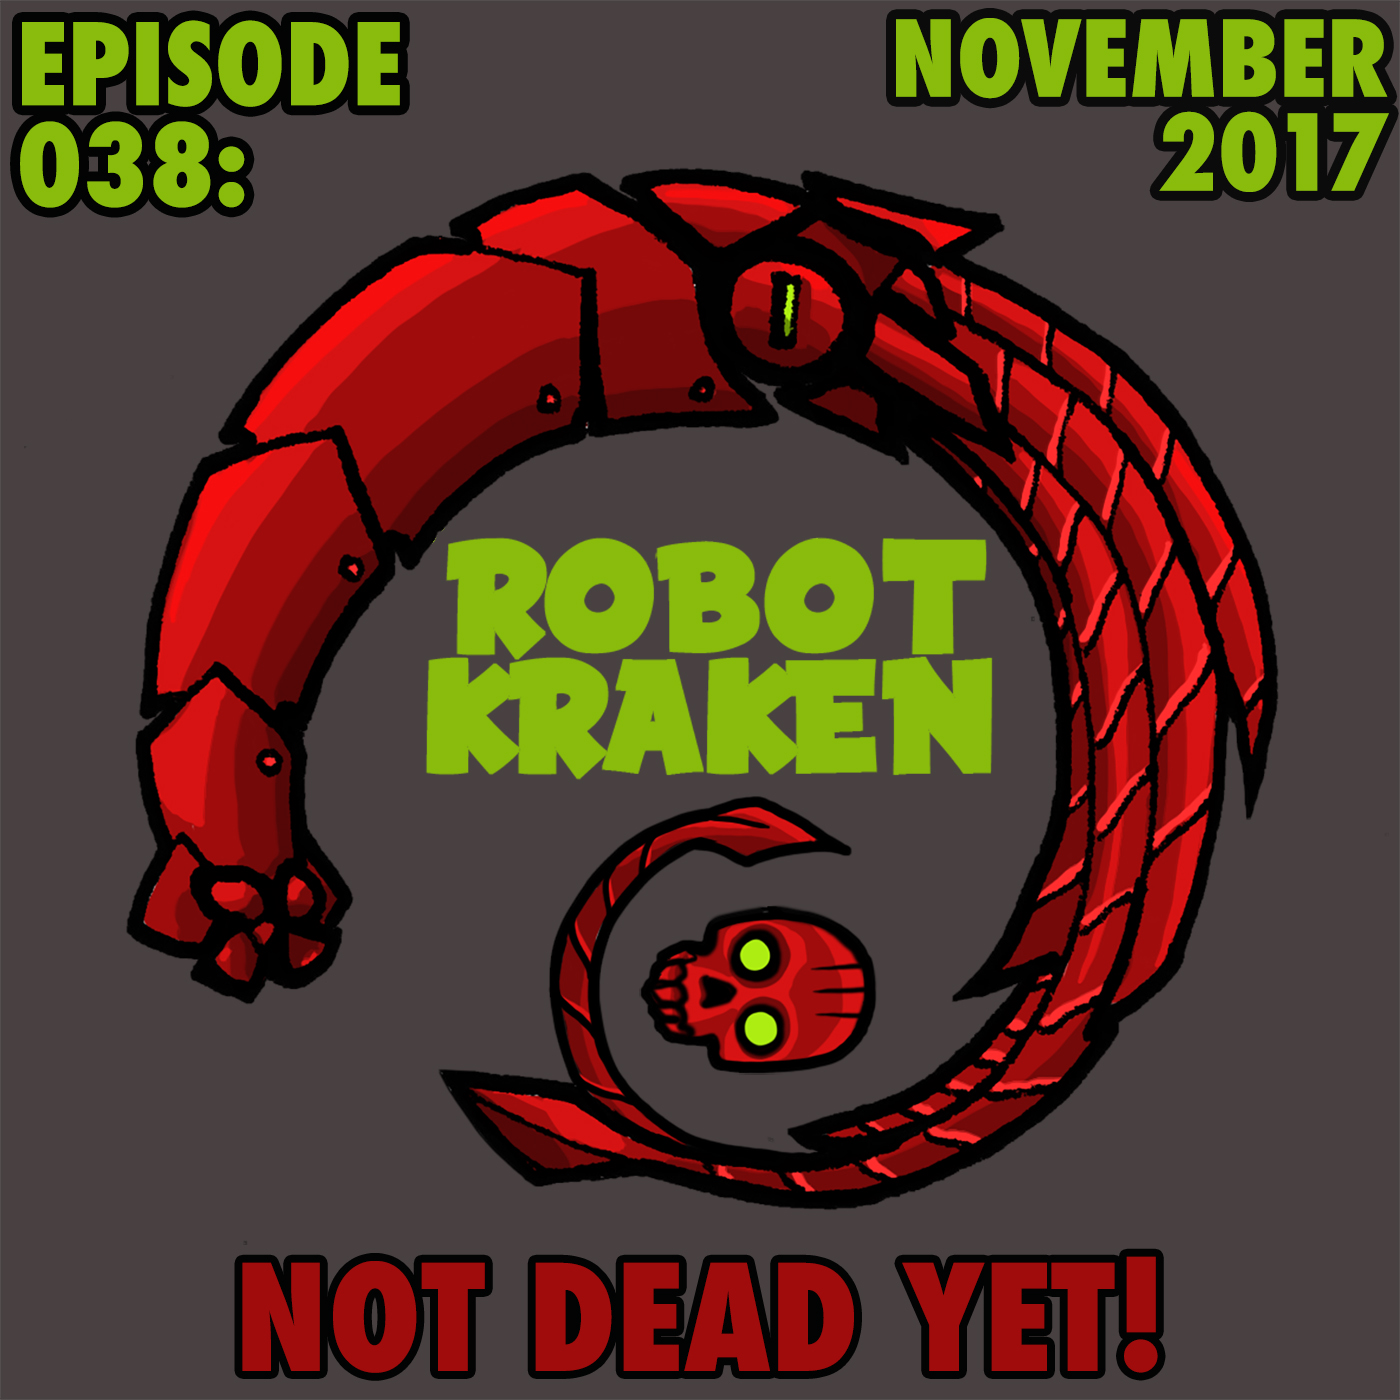 Robot Kraken 038 Cover.jpg